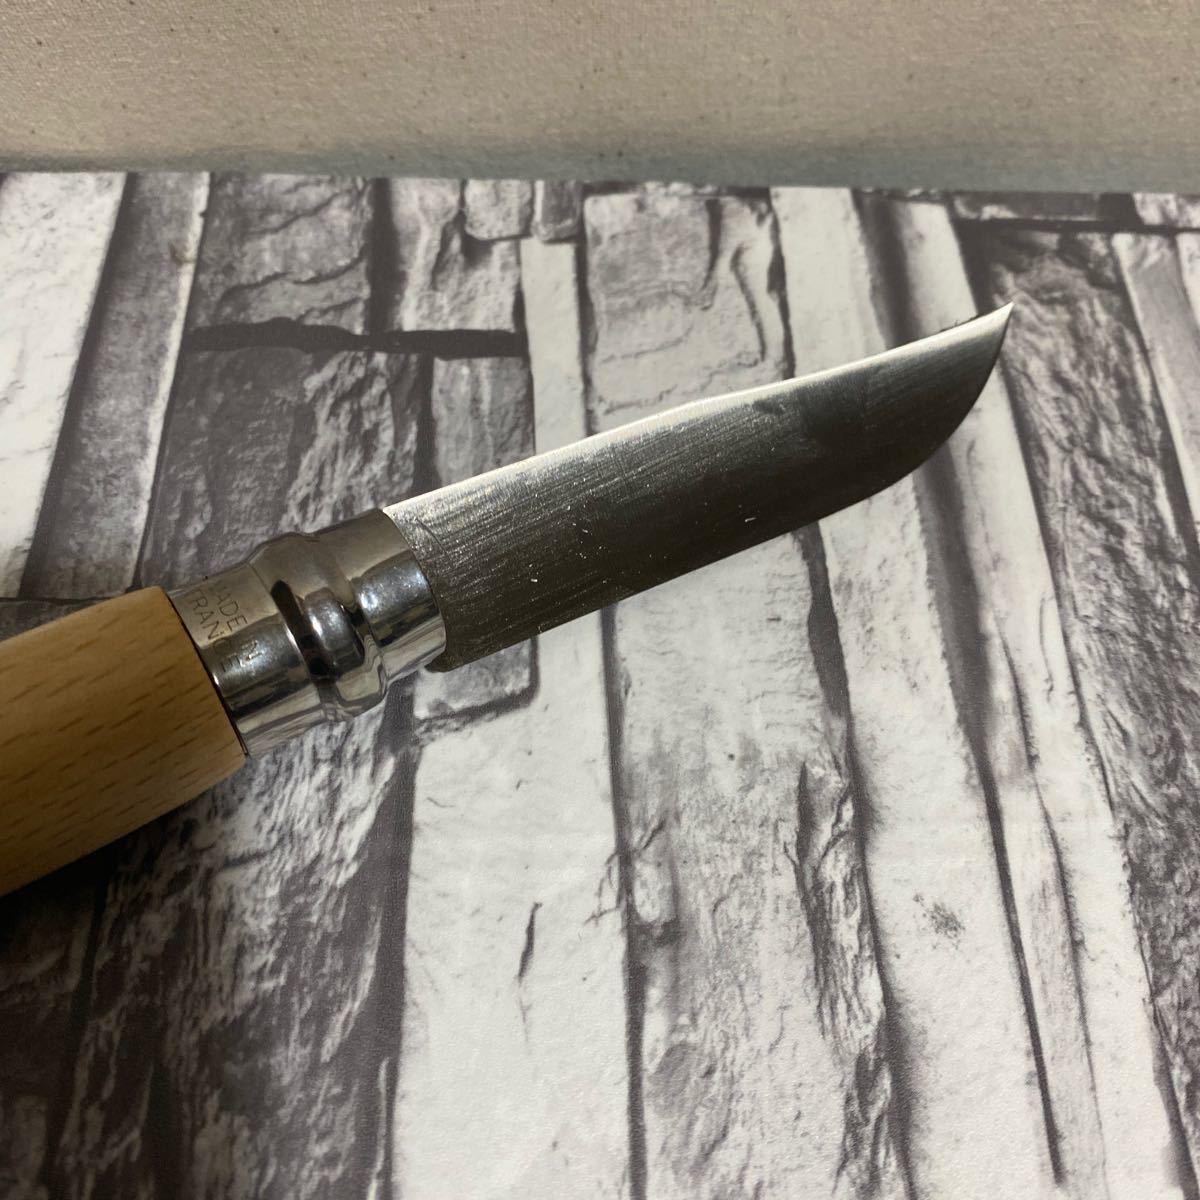 オピネル ステンレス9  折りたたみナイフ 新品